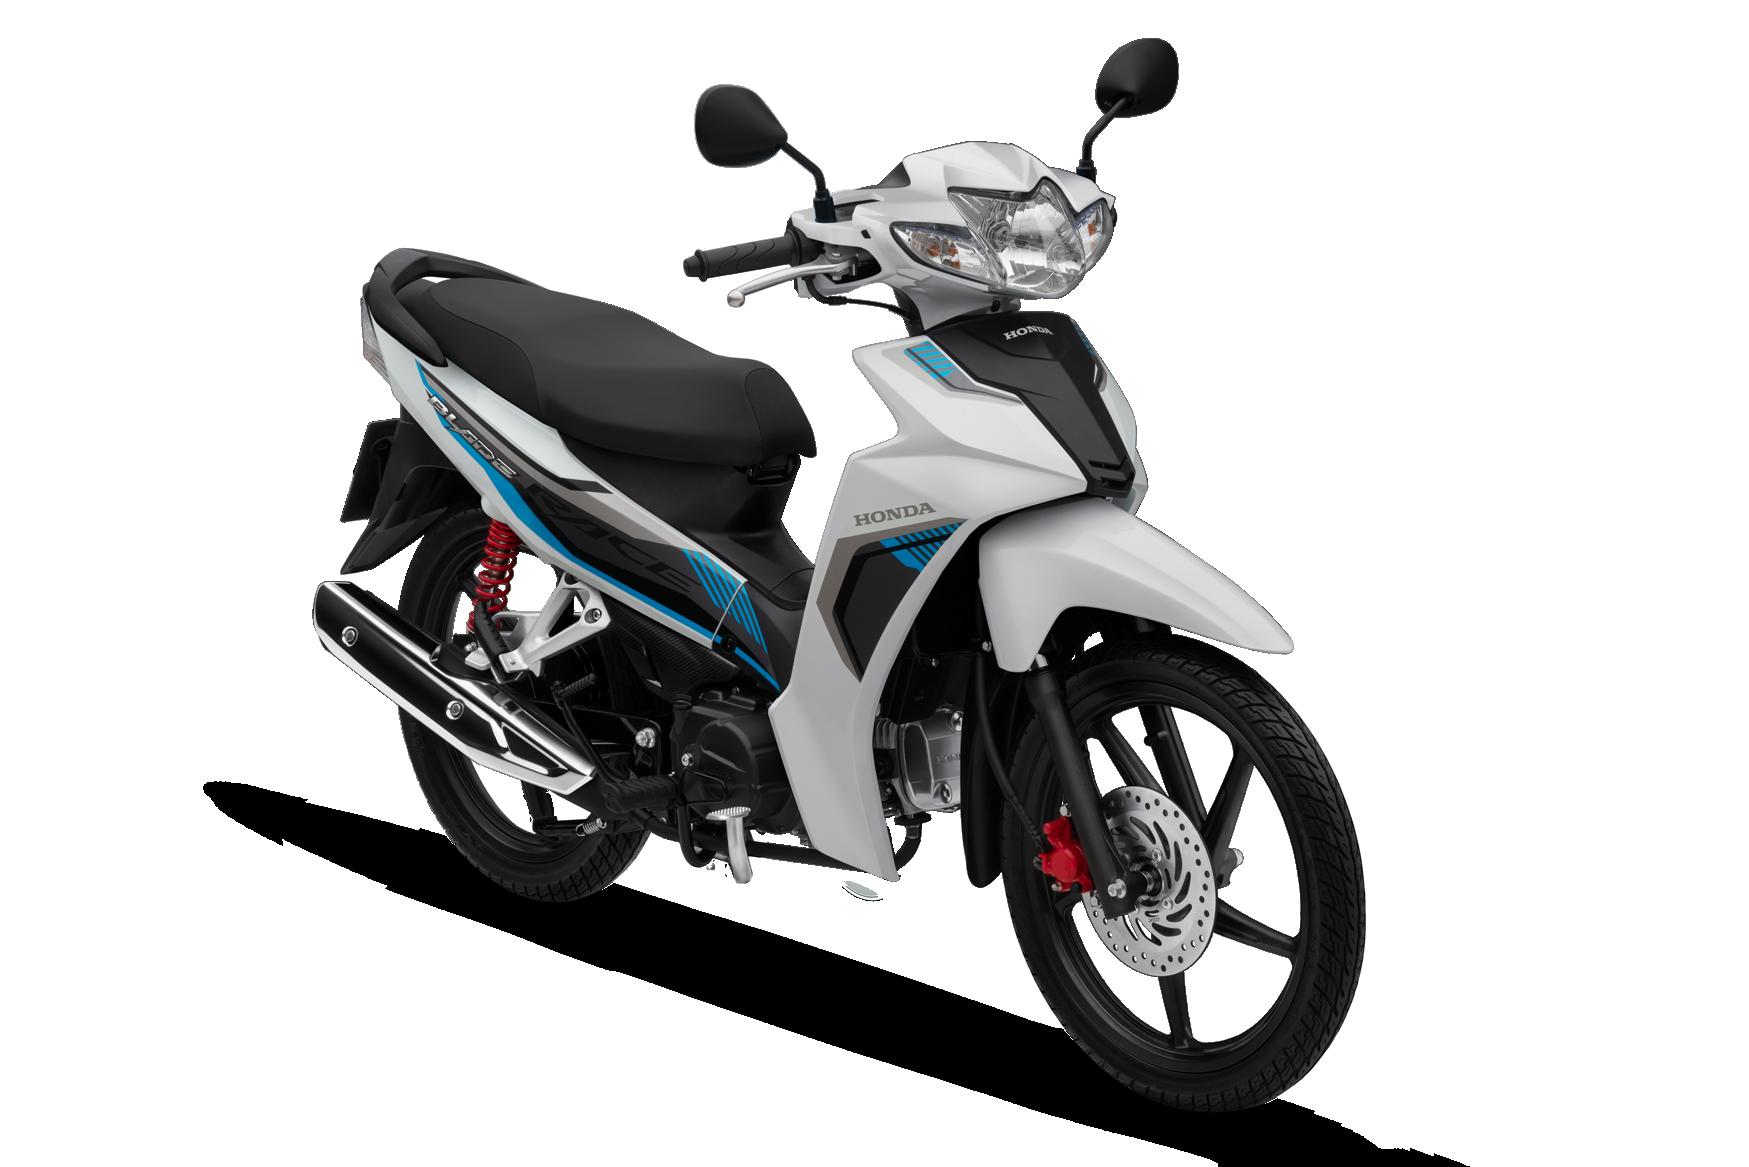 Honda Blade 2020 phiên bản thể thao vành đúc phanh đĩa màu trắng đen